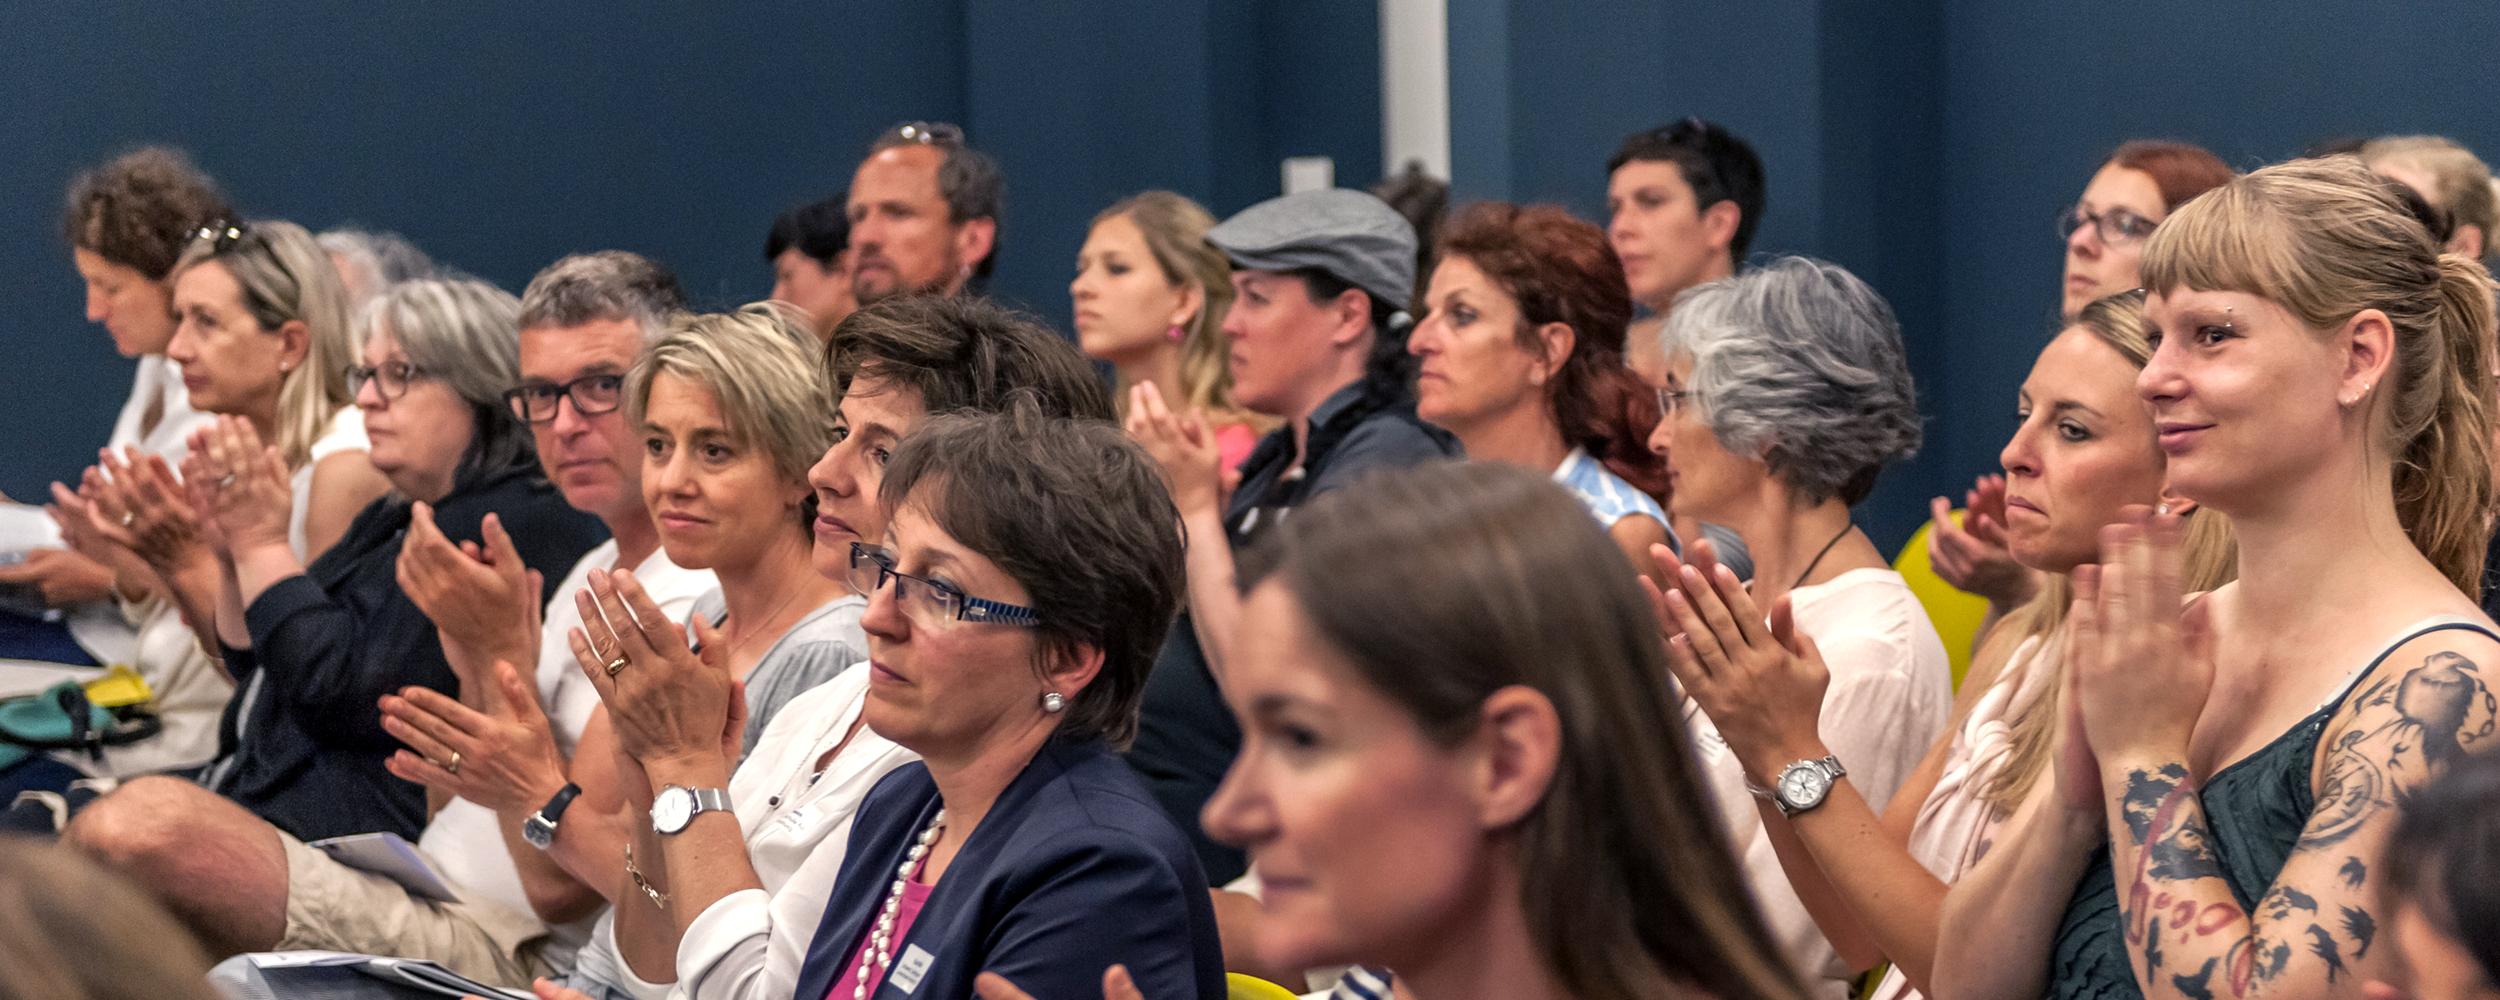 """Publikum beim Lancierungsanlass """"Ästhetische Bildung & Kulturelle Teilhabe – von Anfang an!"""", Foto Kathrin Schulthess,  www.schulthess-foto.ch"""